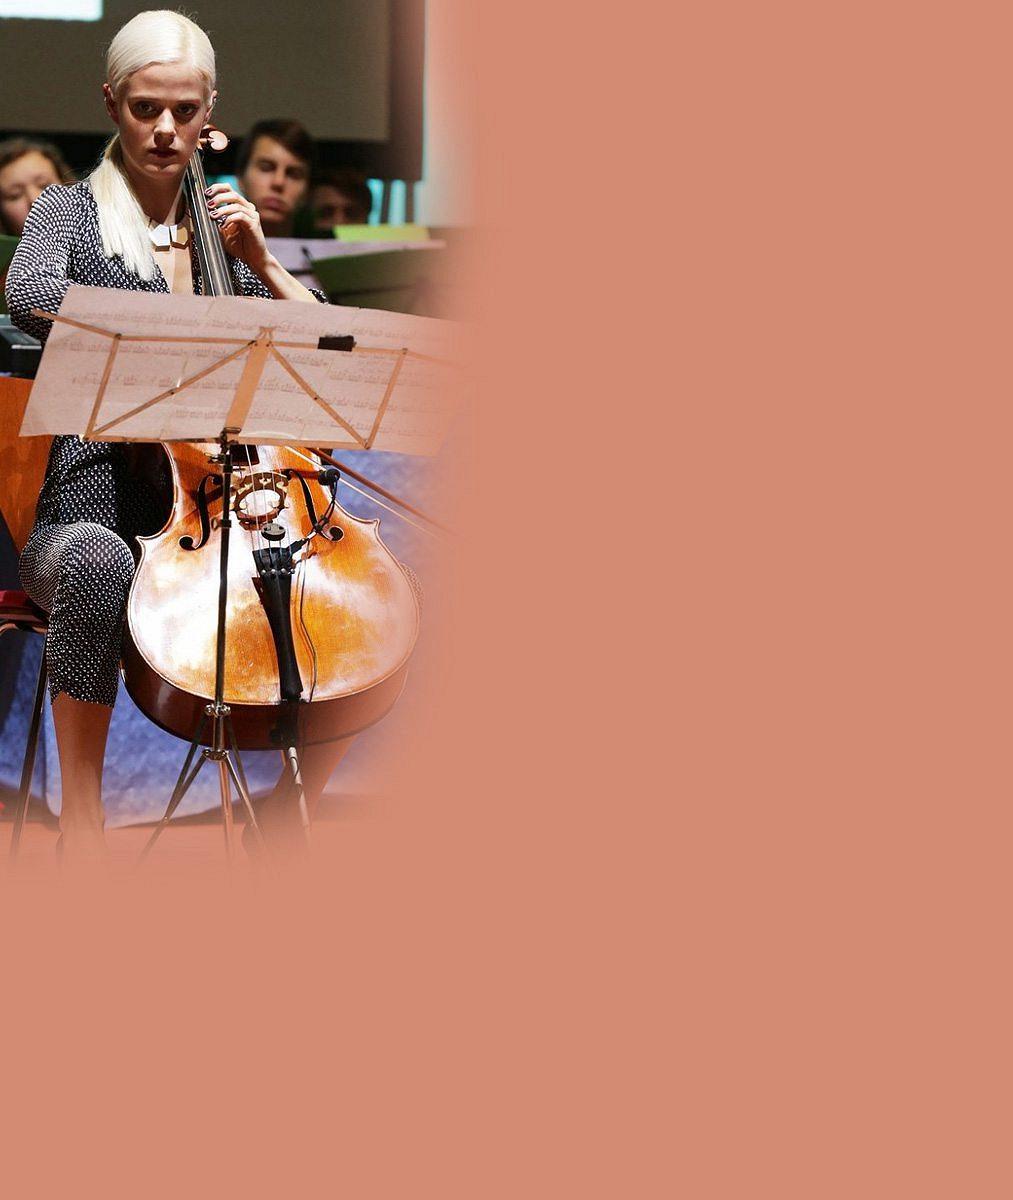 Krásná česká violoncellistka odložila svůj nástroj a nechala se zvěčnit do kalendáře. Líbí se vám?